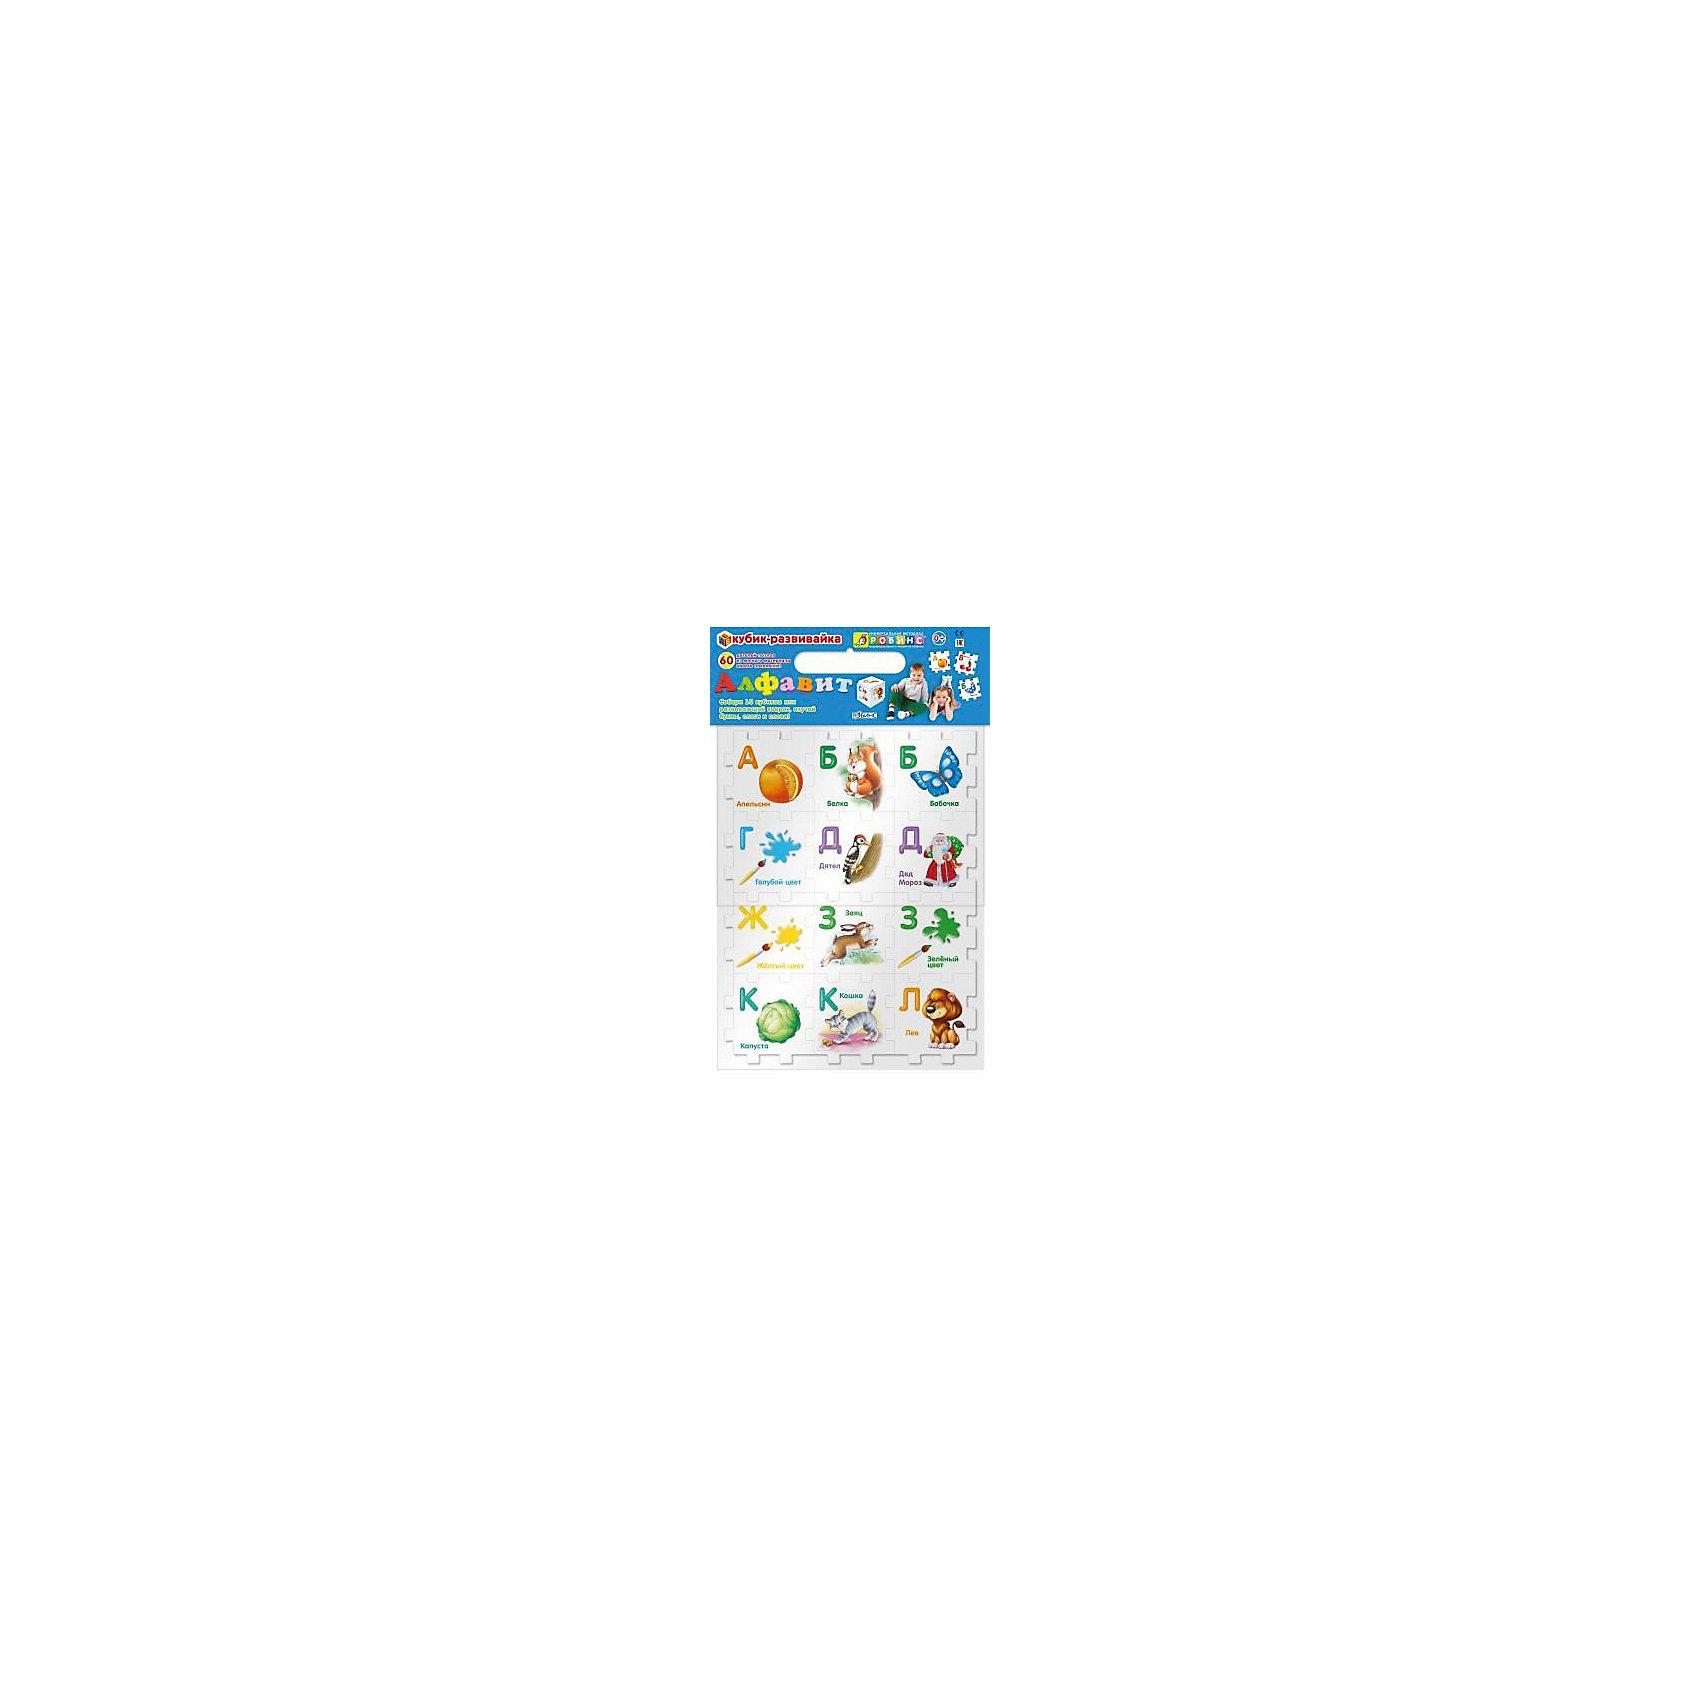 Кубик-развивайка АлфавитКубик-развивайка. Алфавит состоит из 60 деталей-пазлов, которые можно соединить в 10 маленьких кубиков ( по 6 деталей в каждом), или 2 средних ( по 24 детали), или 1 большой (56 деталей), или развивающий коврик для ребенка (80х48). Кубики-развивайки сделаны из высокоэкологичного мягкого материала нового поколения EVA. Мягкий безопасный материал прекрасно подходит для игры в ванне. Собирайте конструктор, коврик или крепите детали на стены в ванной.<br><br>Дополнительная информация:<br><br>Размеры упаковки: 23 х 32 х 5 см<br><br>Кубик-развивайку Алфавит можно купить в нашем магазине.<br><br>Ширина мм: 230<br>Глубина мм: 320<br>Высота мм: 53<br>Вес г: 415<br>Возраст от месяцев: 36<br>Возраст до месяцев: 2147483647<br>Пол: Унисекс<br>Возраст: Детский<br>SKU: 4610606